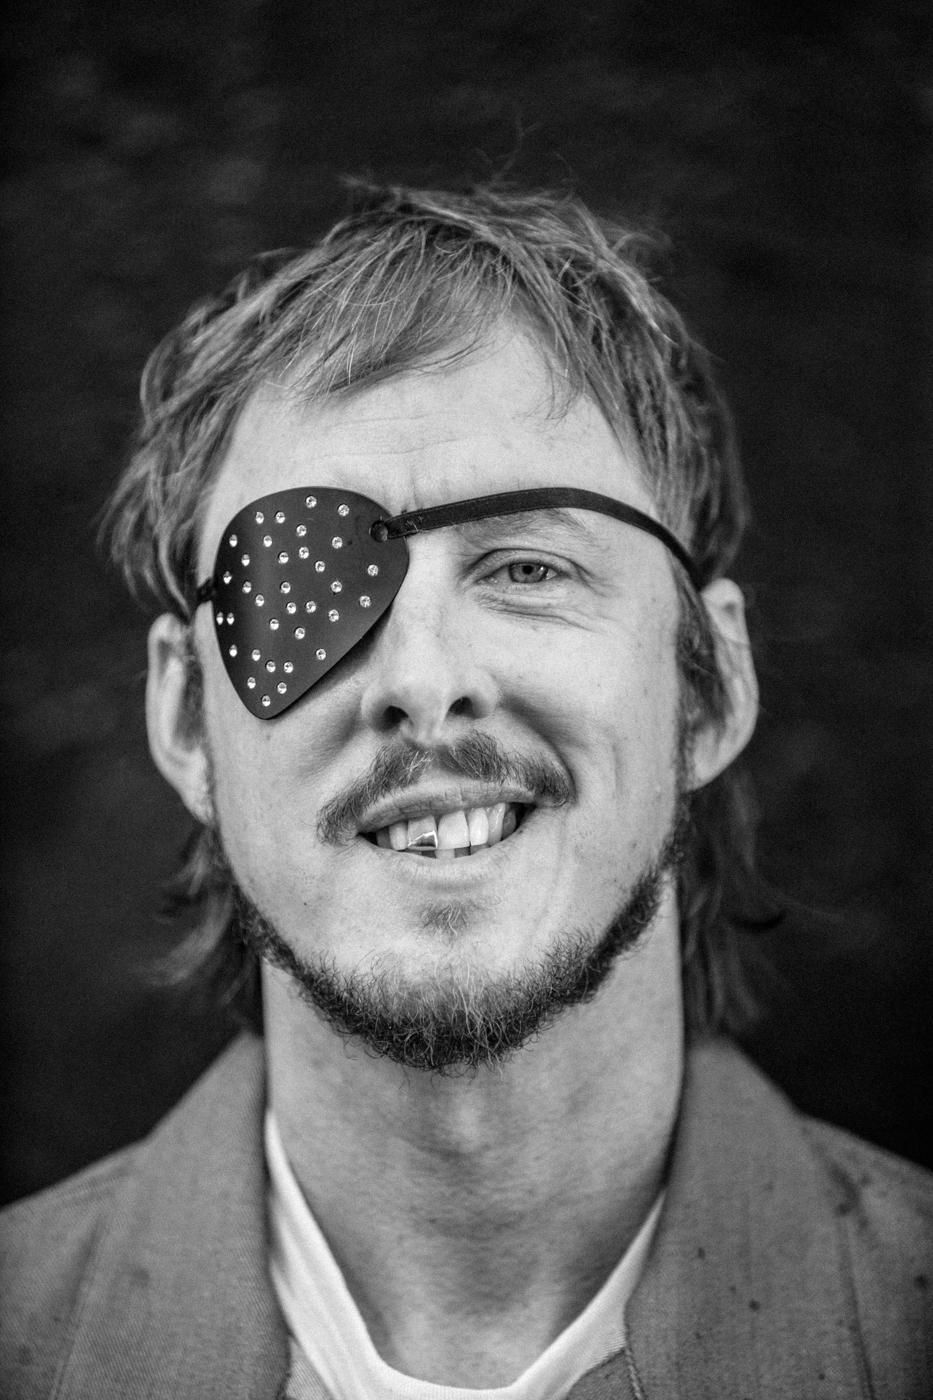 Weezer. Scott Shriner. Photo bySean Murphy